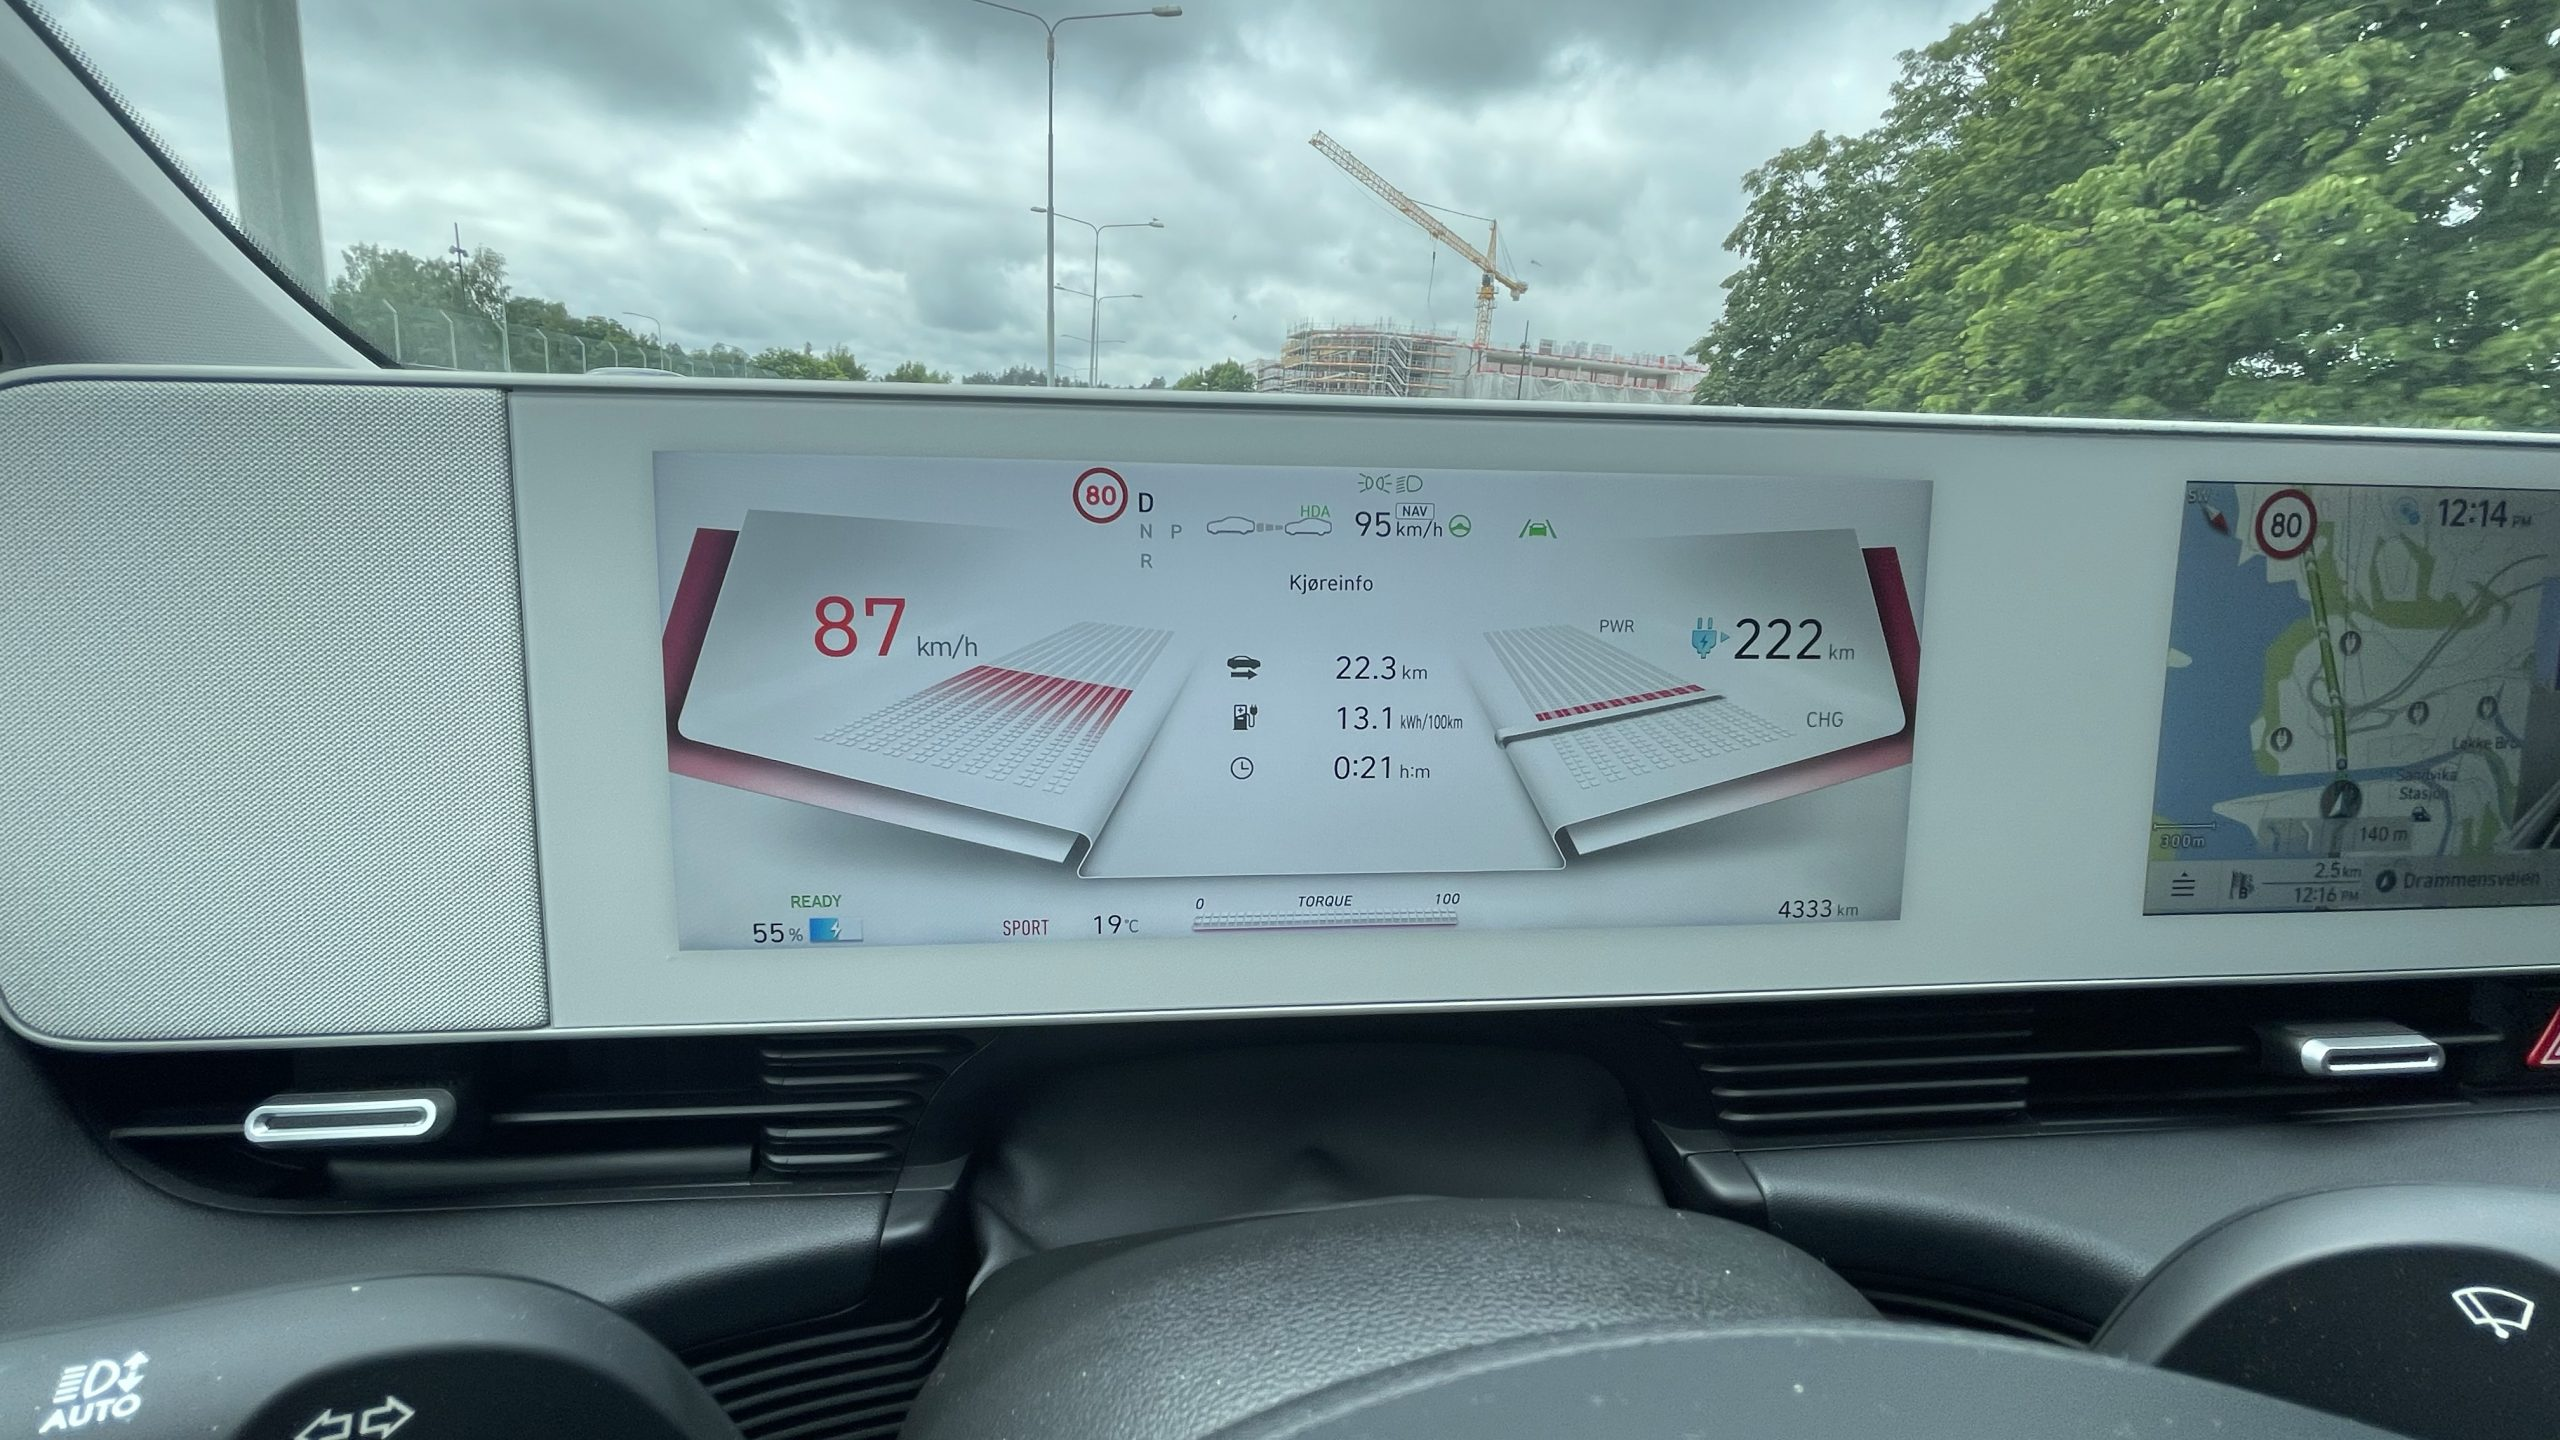 Hyundai Ioniq 5 Instrument Panel Sport Mode